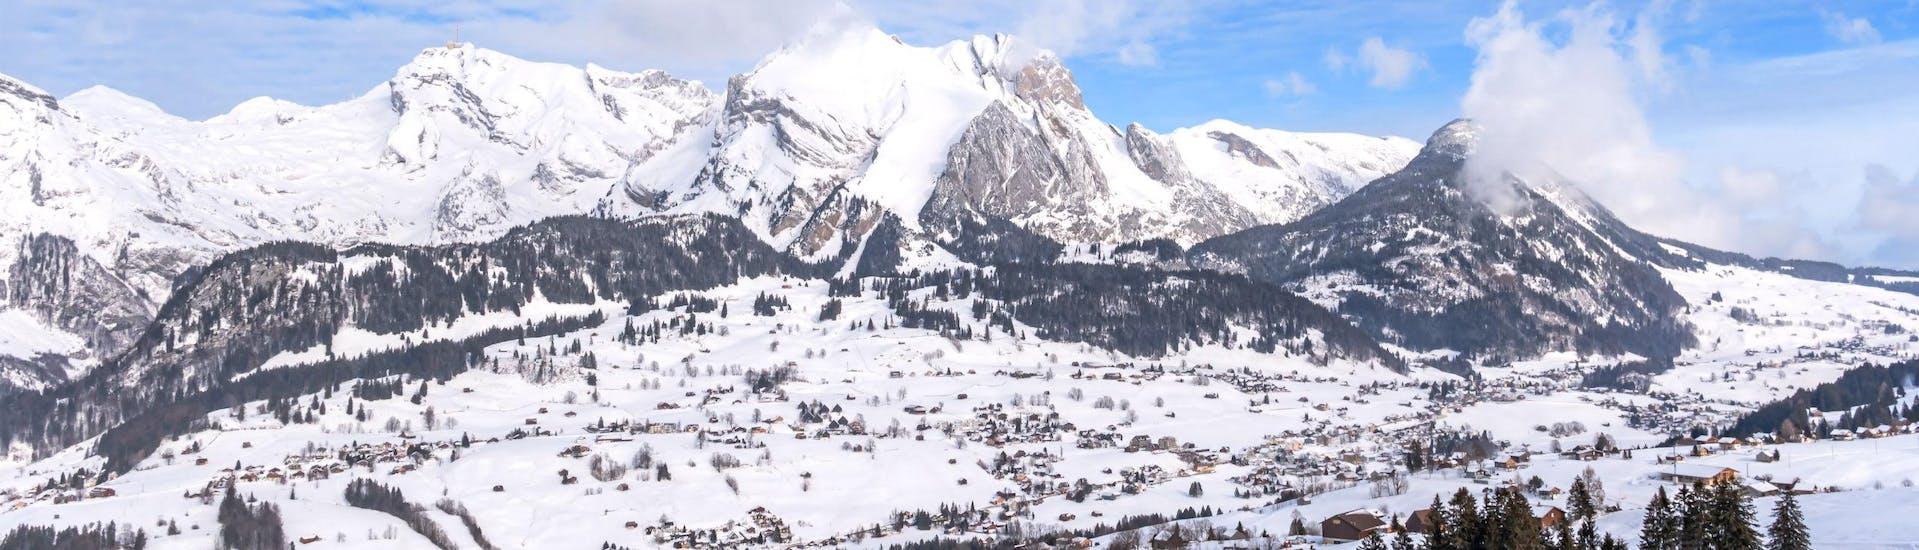 Une photo d'un paysage hivernal enneigé dans la région suisse de Toggenburg où les visiteurs peuvent réserver des cours de ski avec les écoles de ski locales.